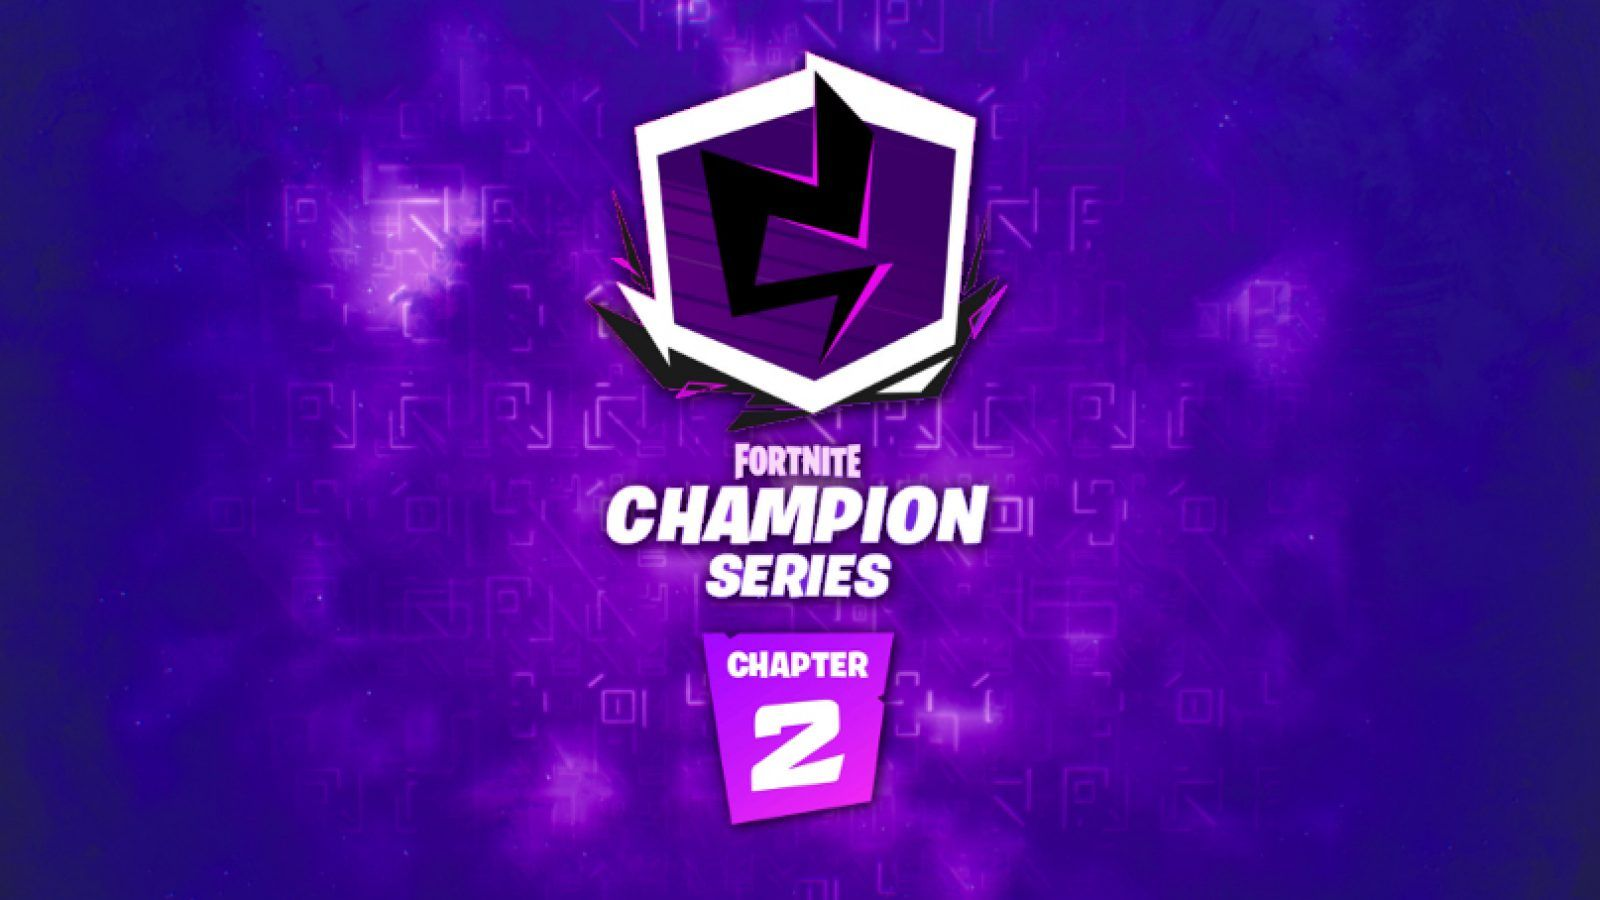 Epic Games a récemment organisé les Fortnite Champion Series